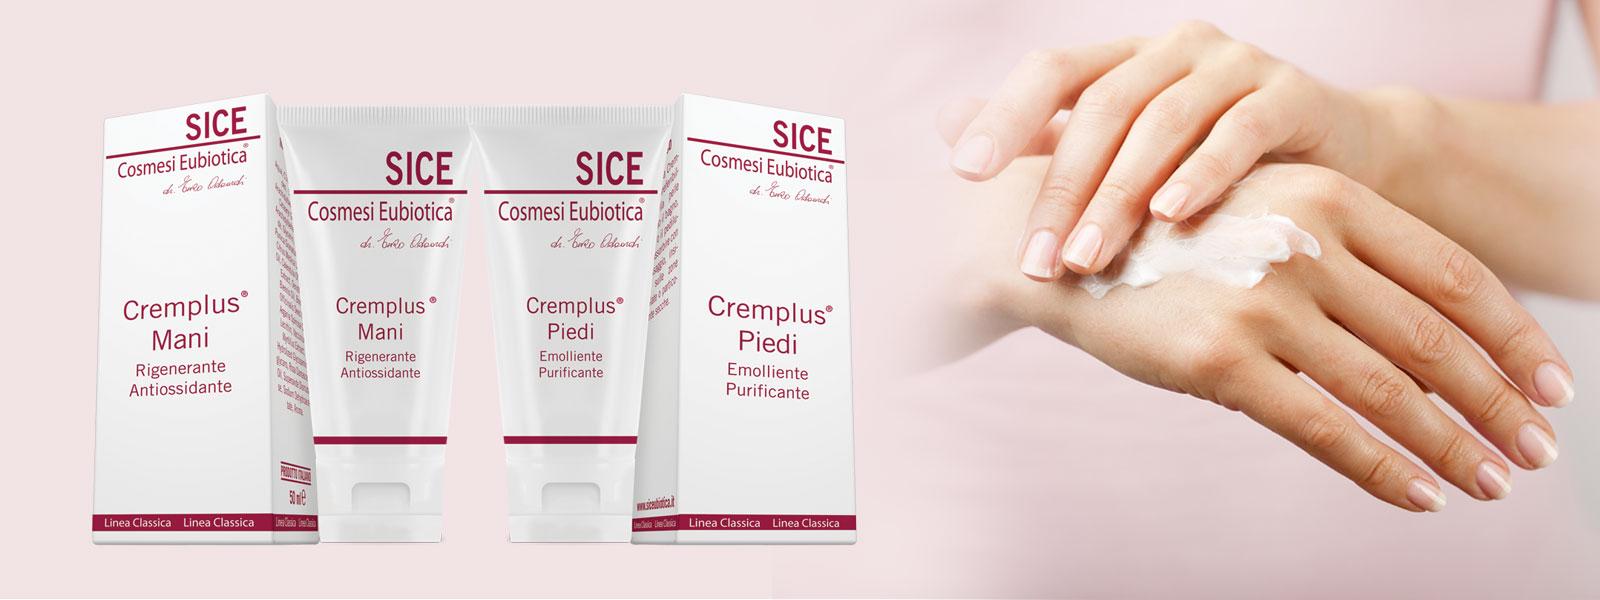 Cremplus Mani e Piedi Sice Eubiotica